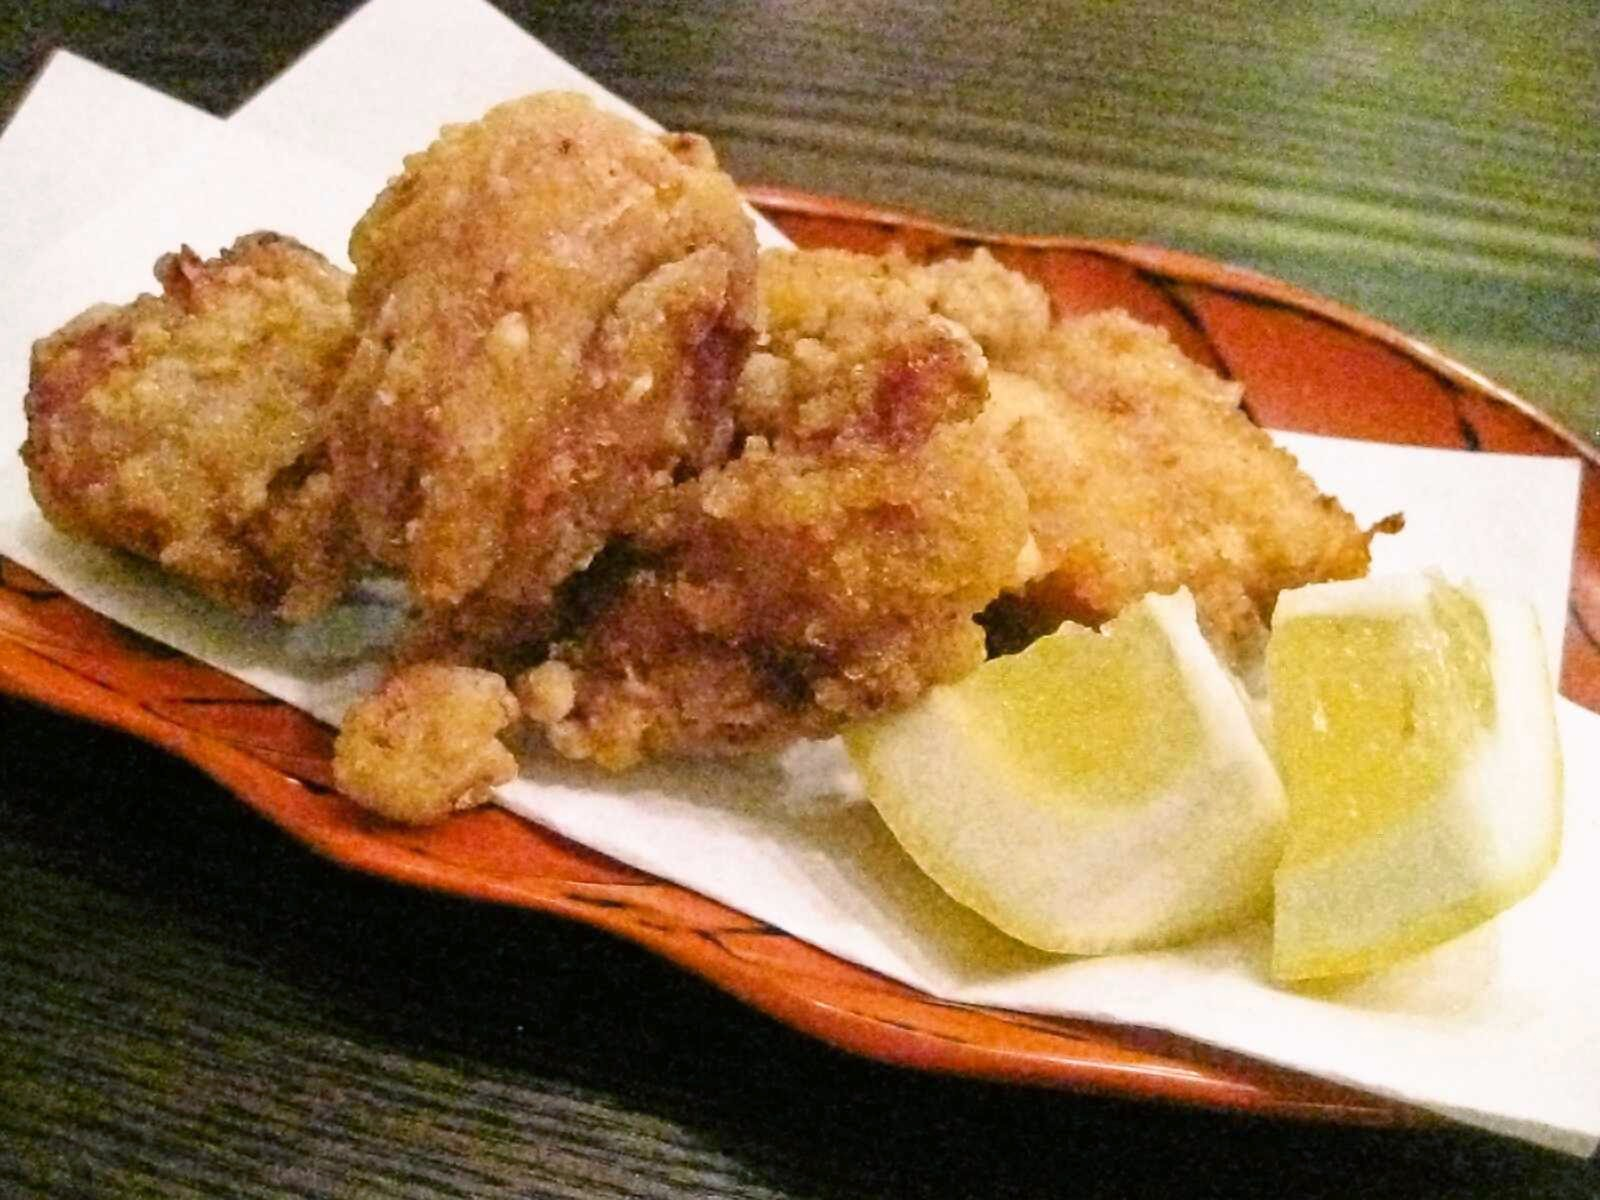 Recipes for Tom: Tori no karaage / fried chicken